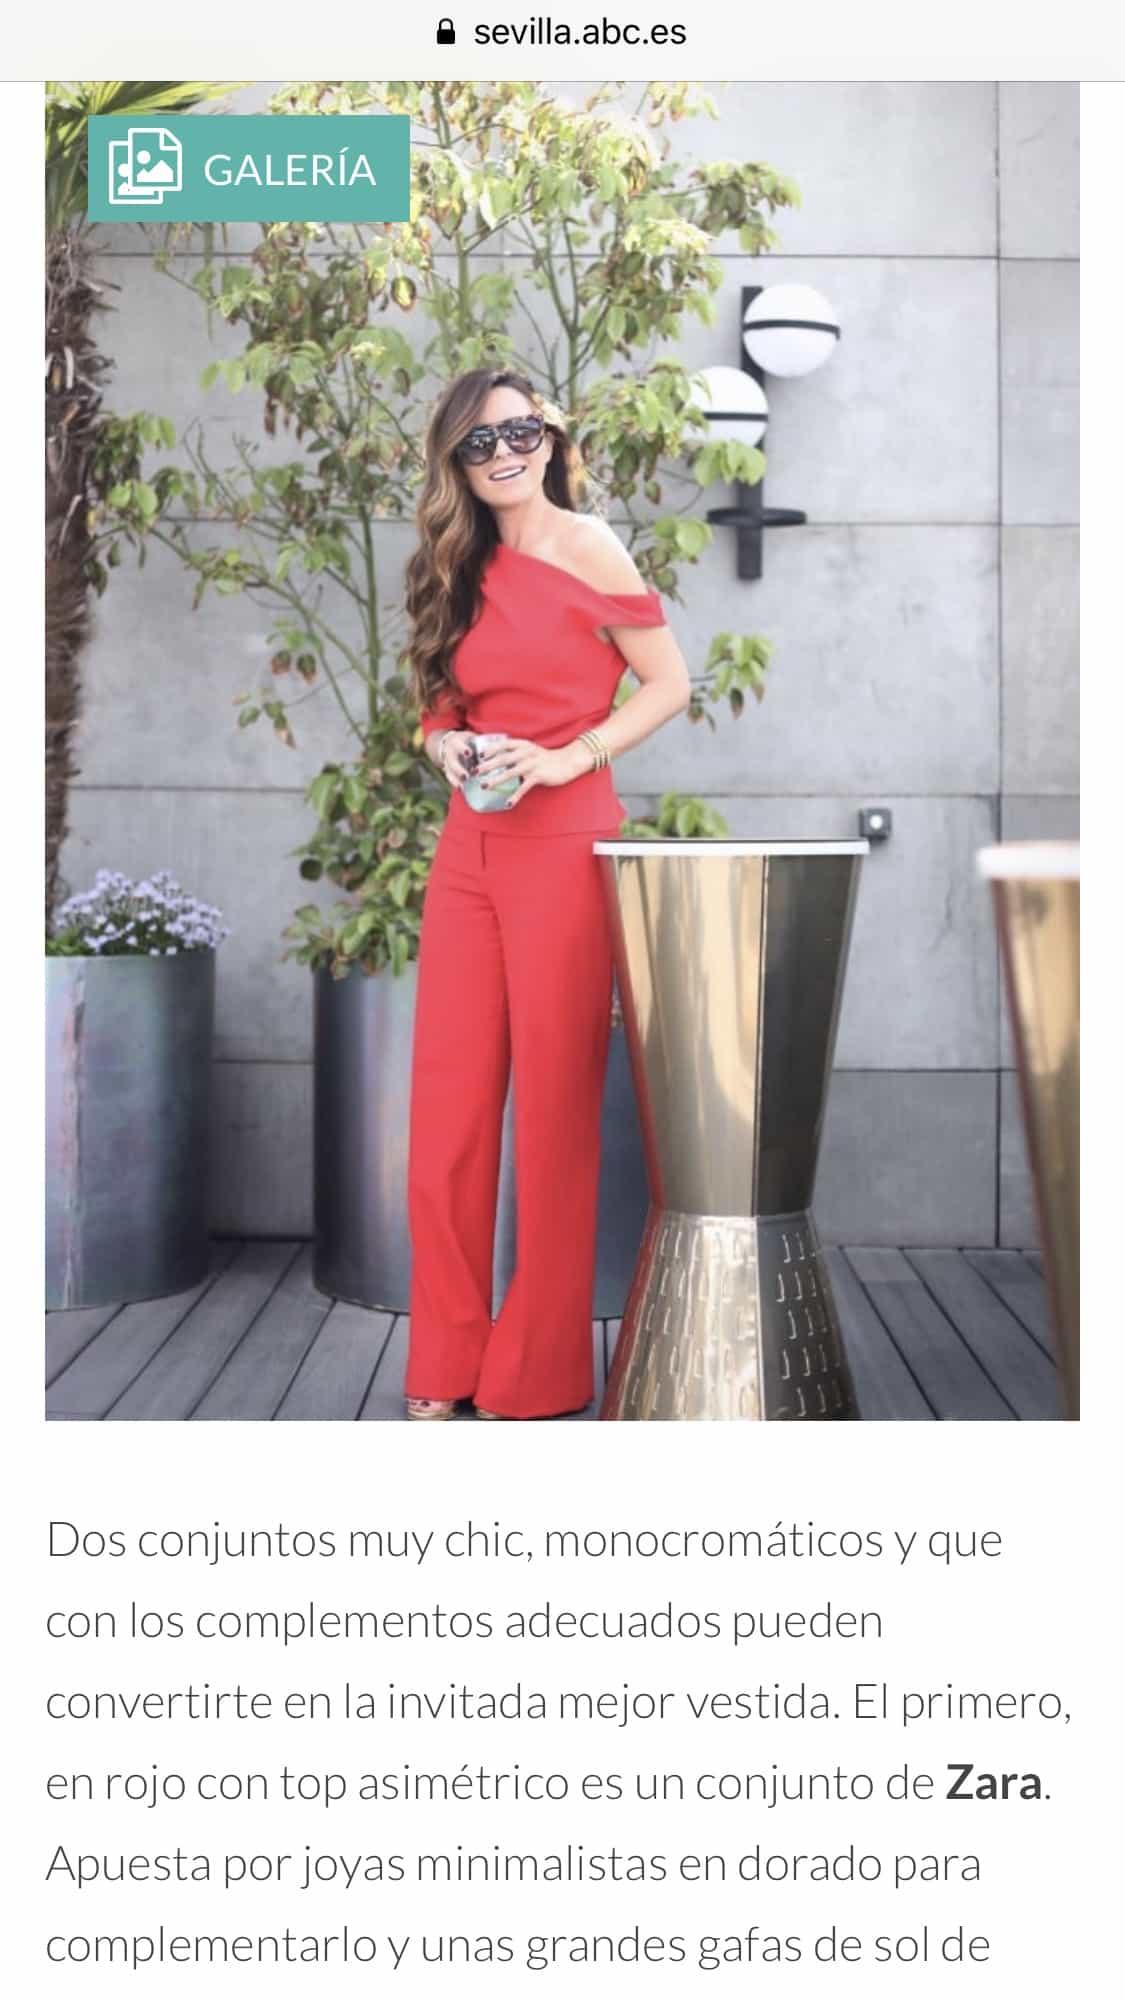 ABC-Sevilla6